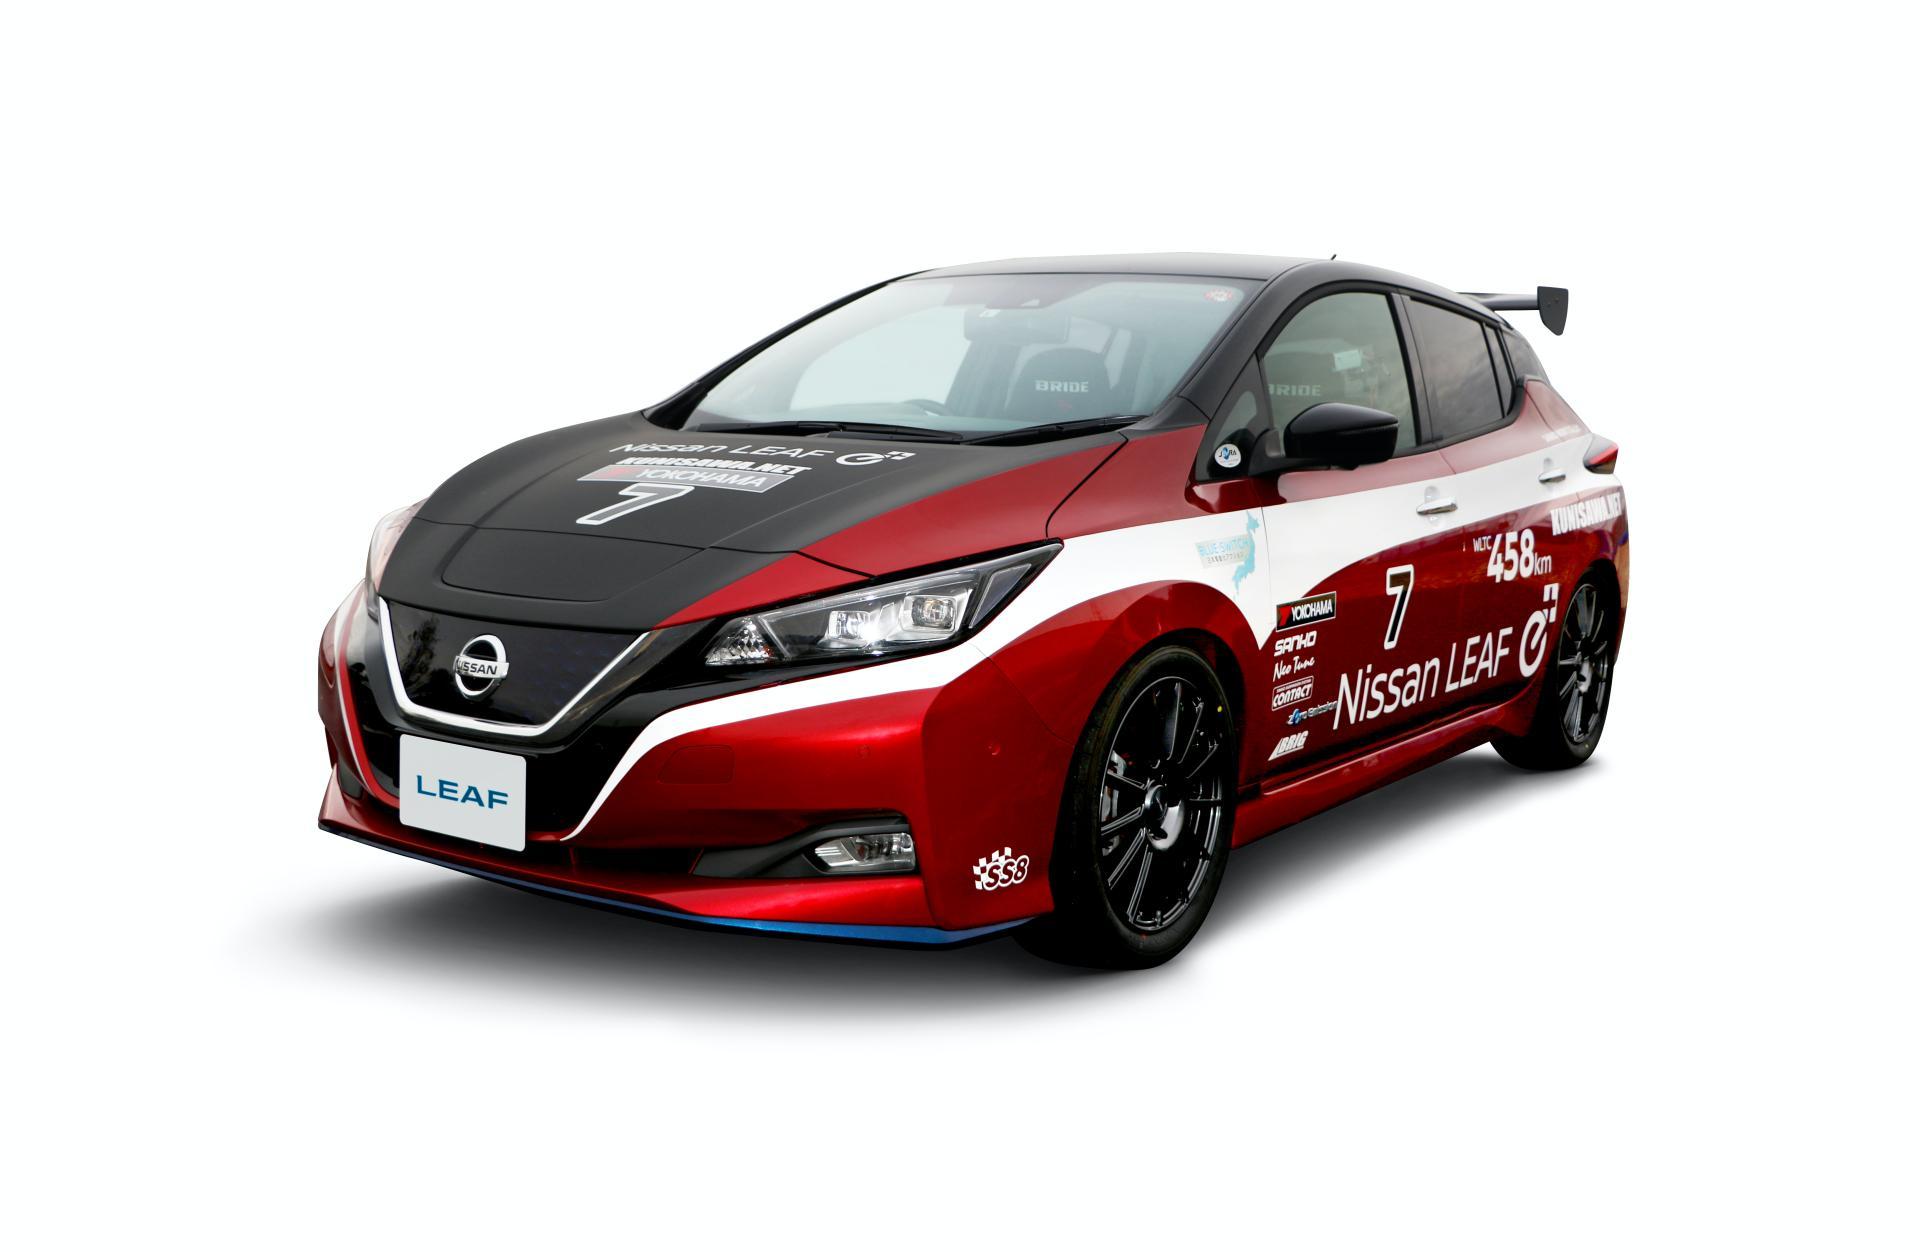 Nissan-Leaf-e-race-car